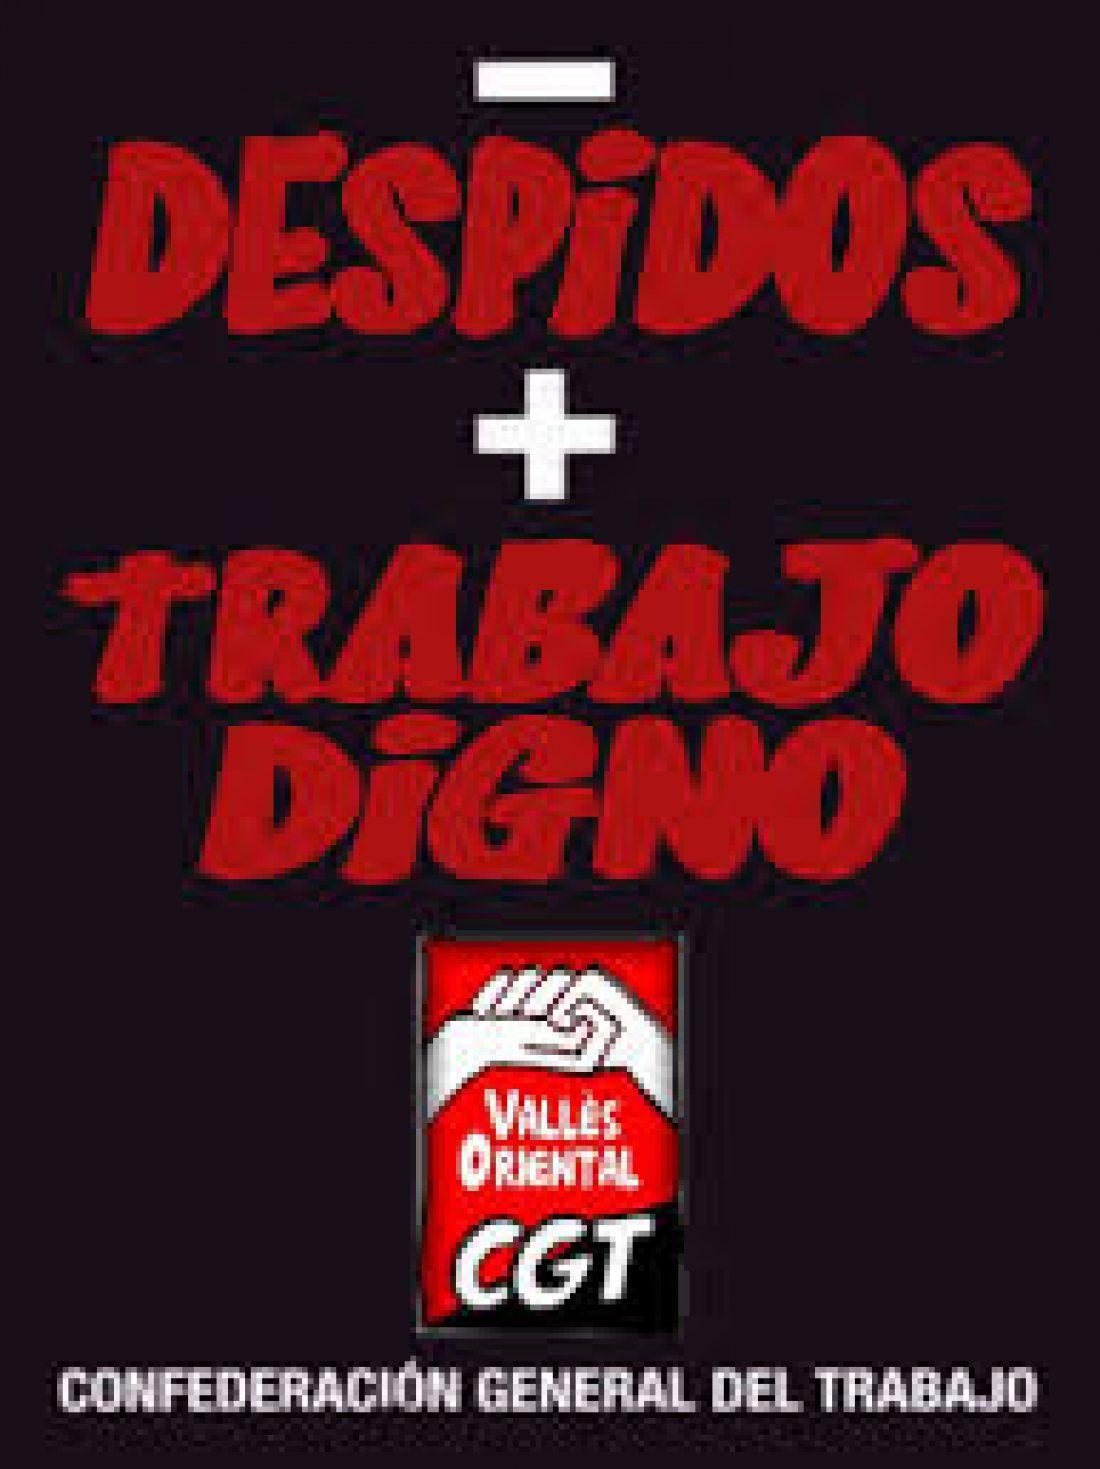 Concentración-Manifestación el lunes 1 de julio a las 13 horas en la puerta de Cacaolat Barcelona